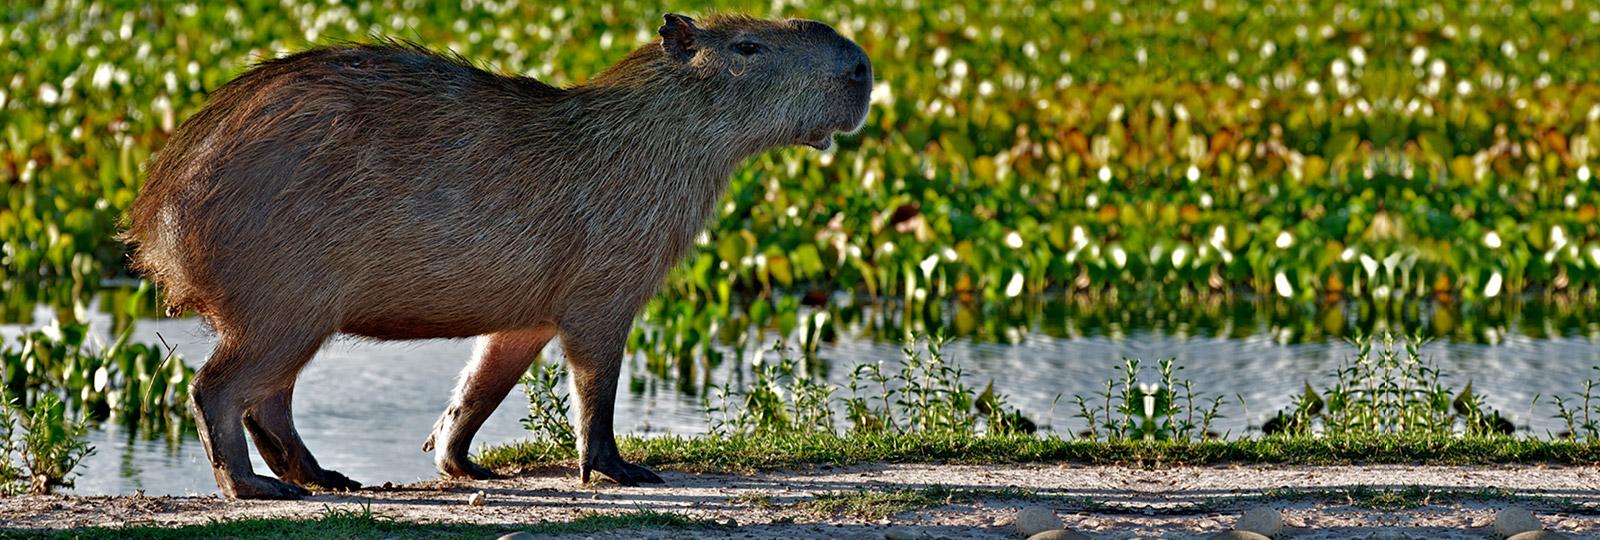 Capibara en Los Llanos venezolanos